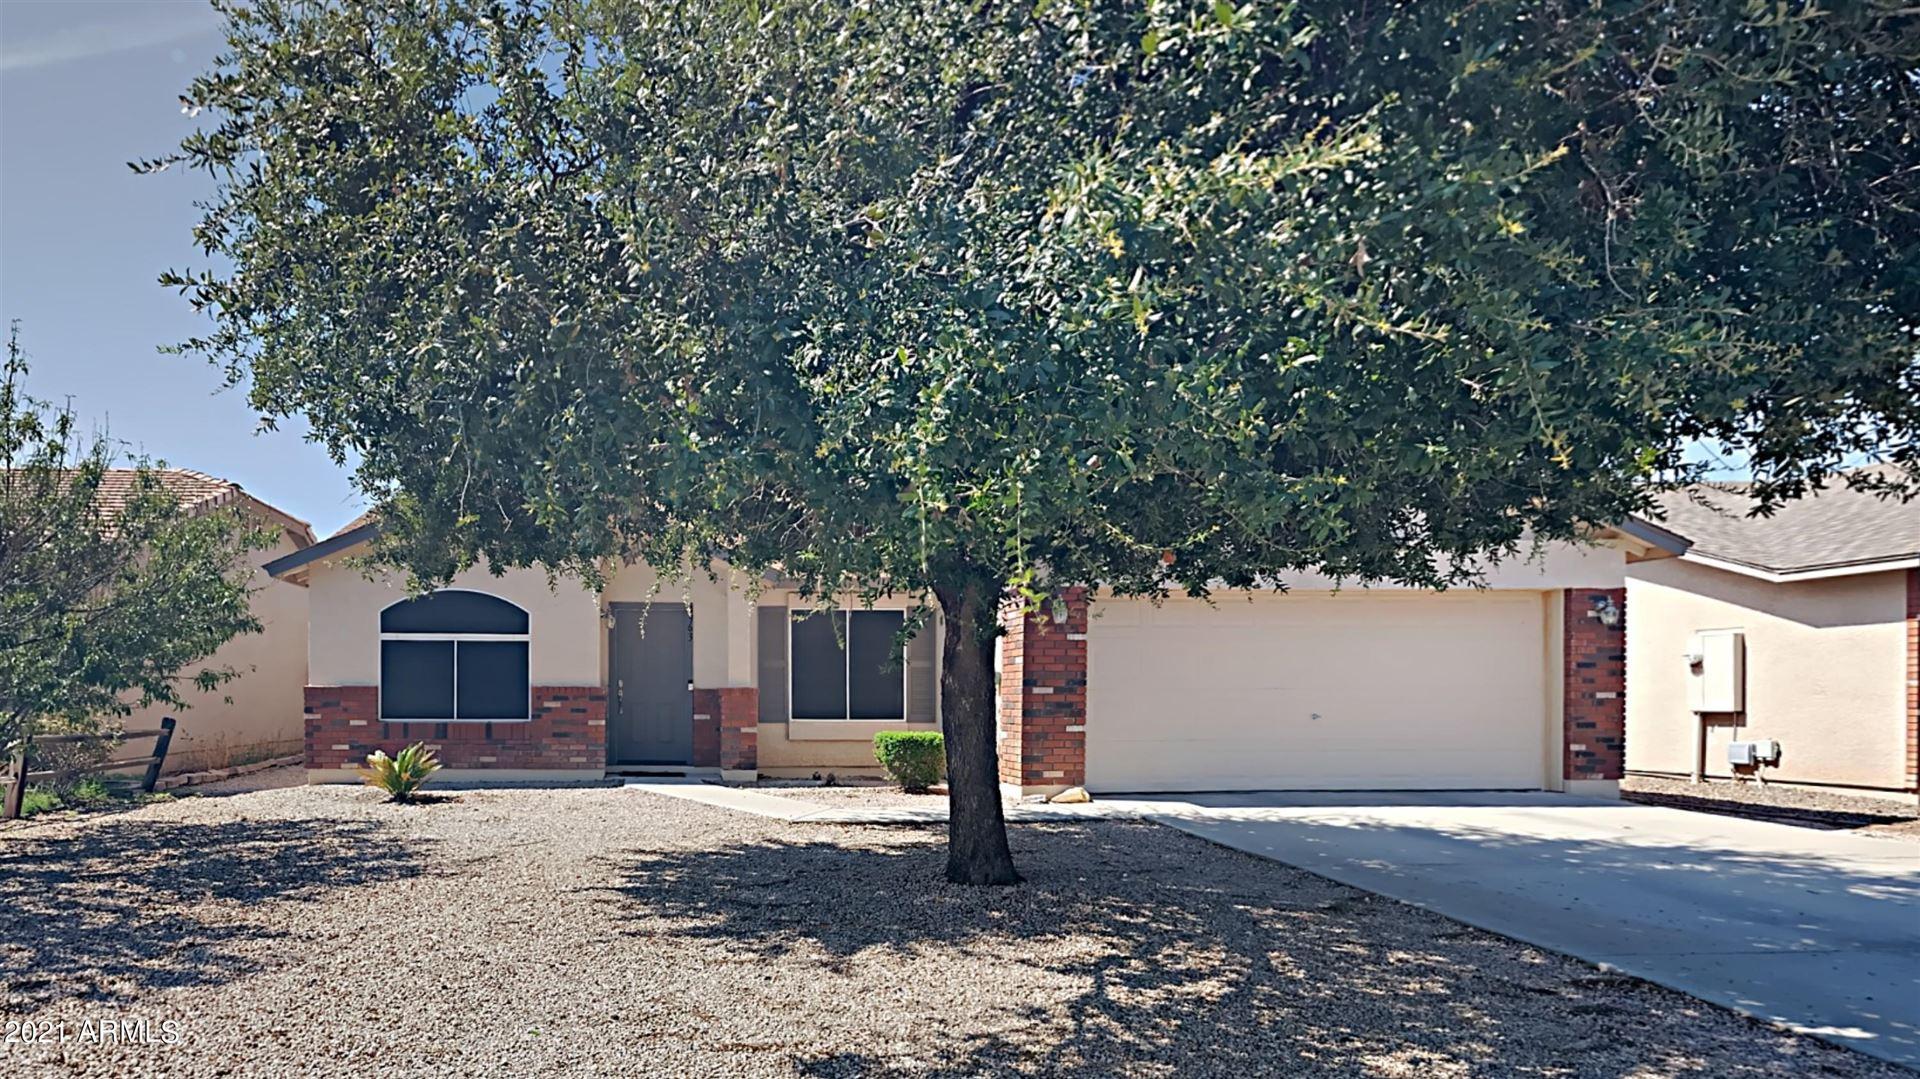 4963 E WHITEHALL Drive, San Tan Valley, AZ 85140 - MLS#: 6270598